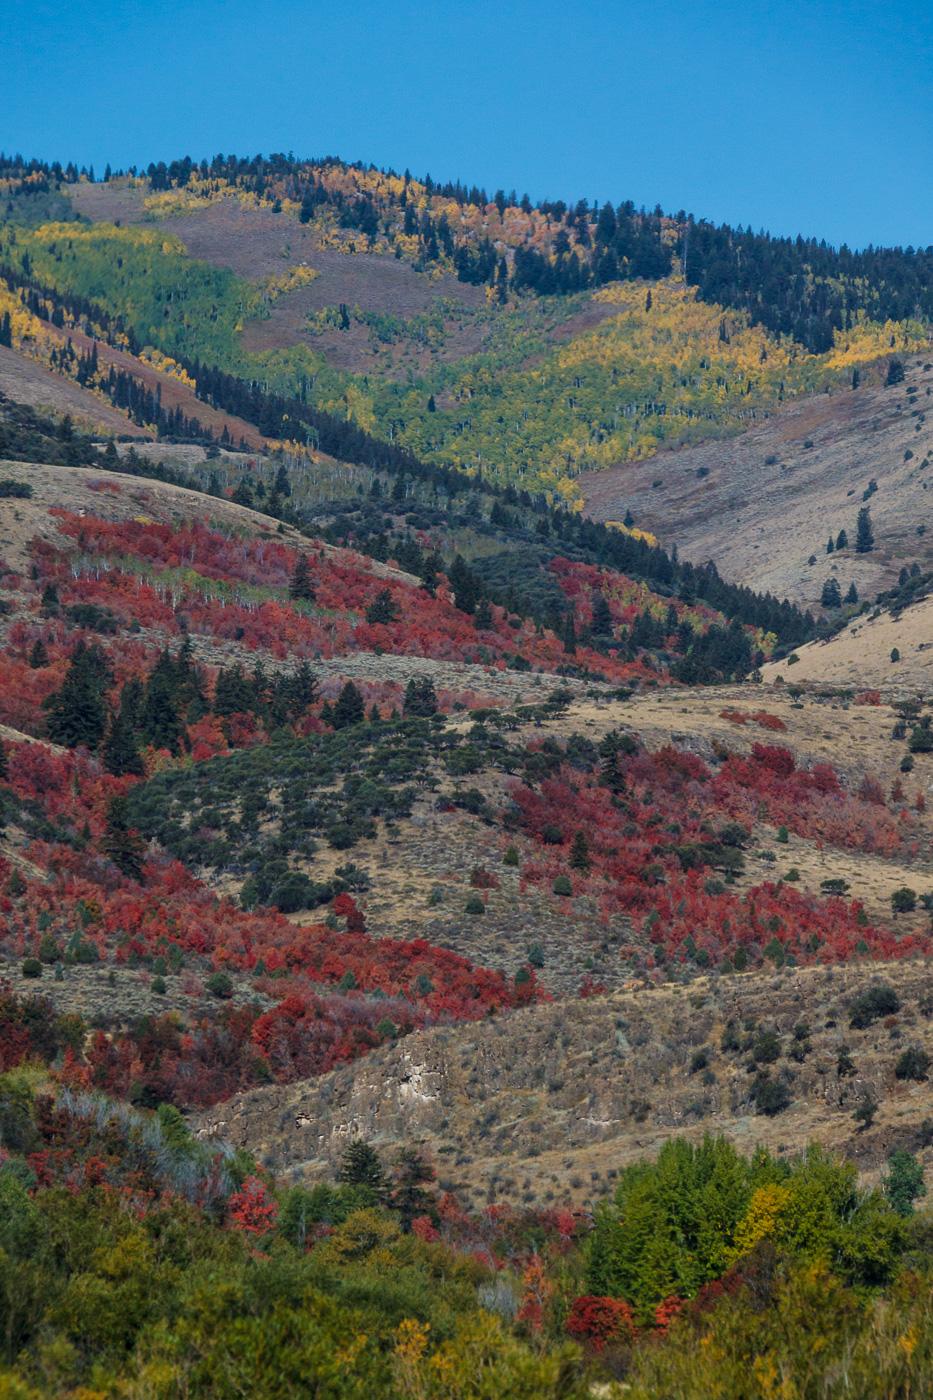 Spotted fall colors - Paisatges de Nord-Amèrica - Raül Carmona - Fotografia, Fotografia d'estudi, esdeveniments i Natura